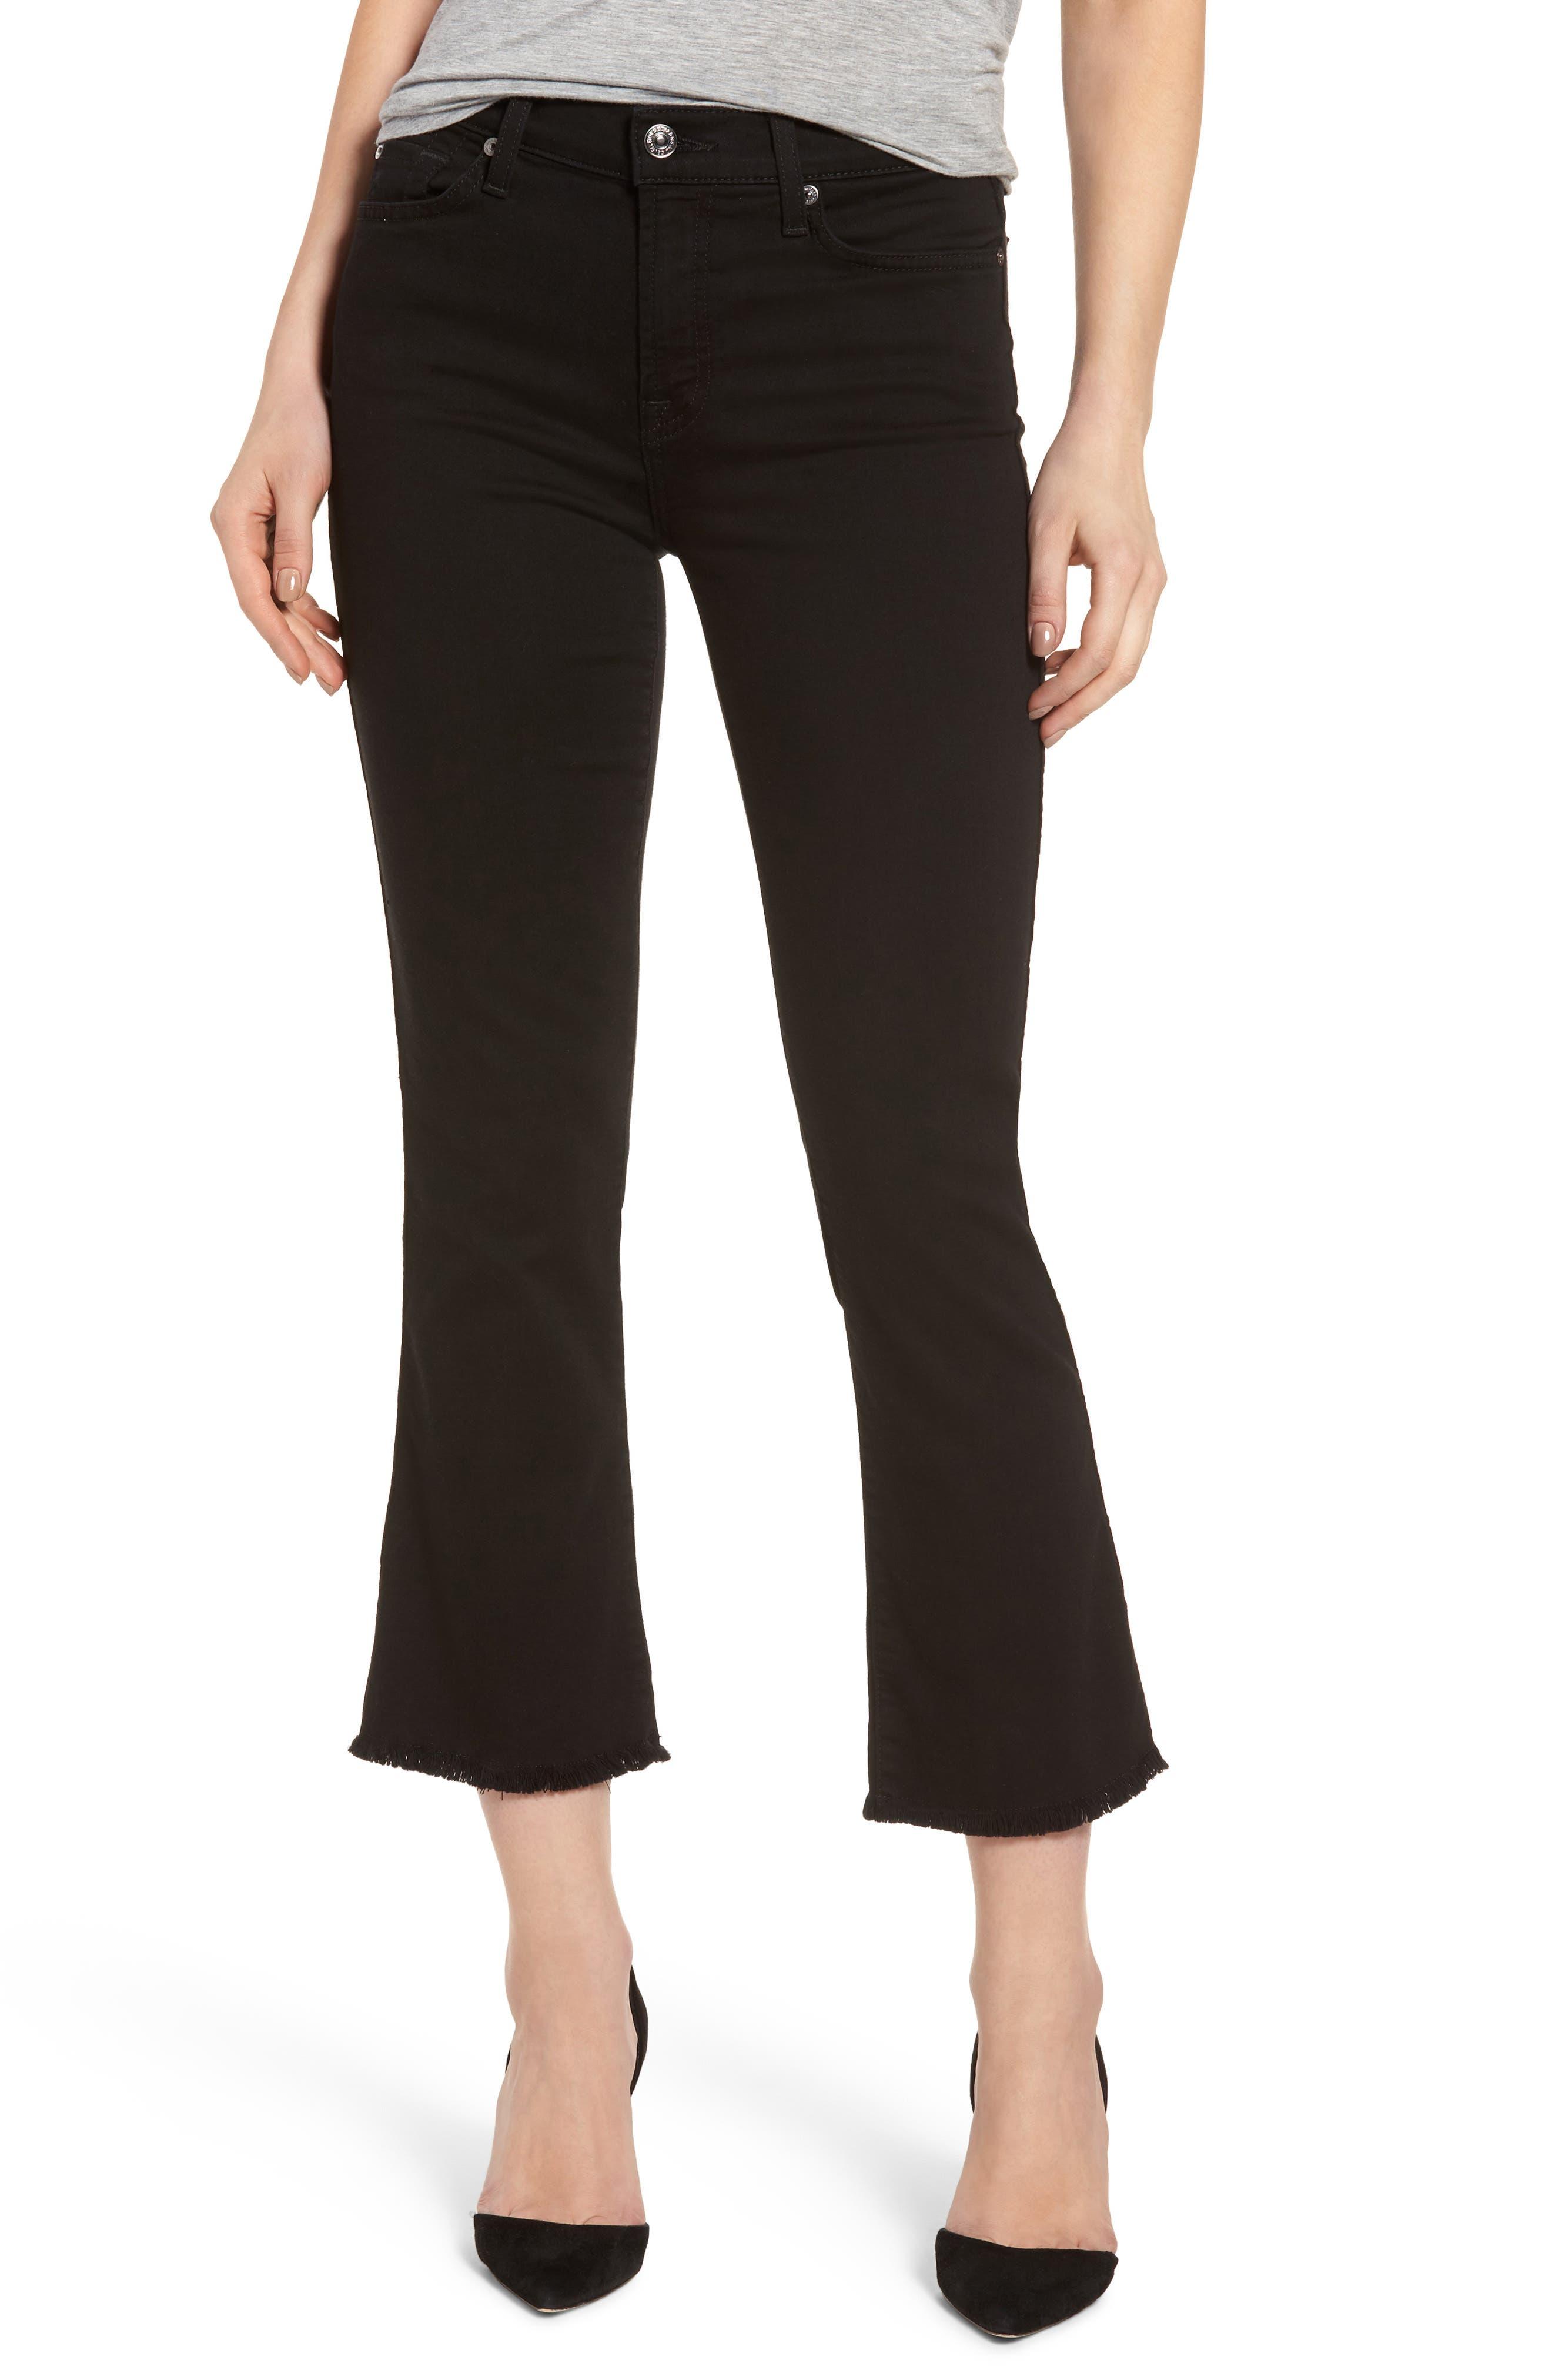 b(air) Crop Bootcut Jeans,                         Main,                         color, B(AIR) BLACK